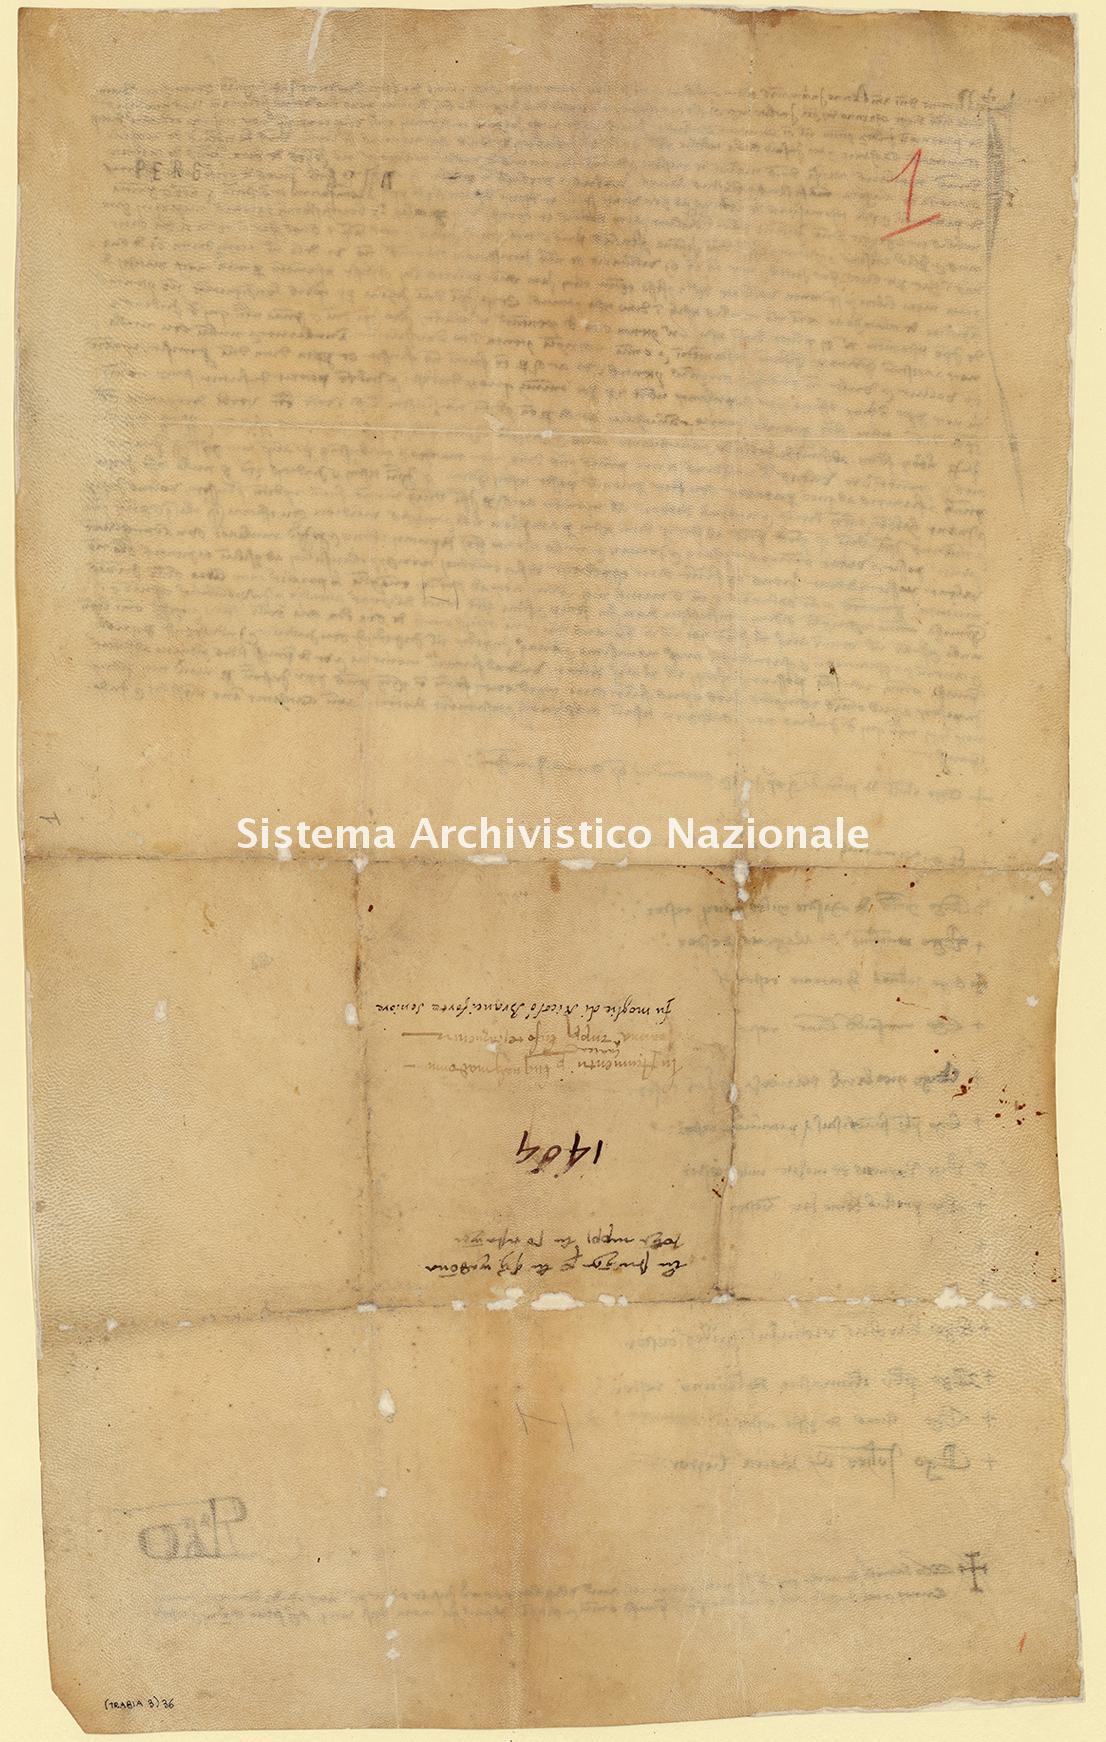 Archivio di Stato di Palermo, Diplomatico, Pergamene Trabia, Pergamena PT 003